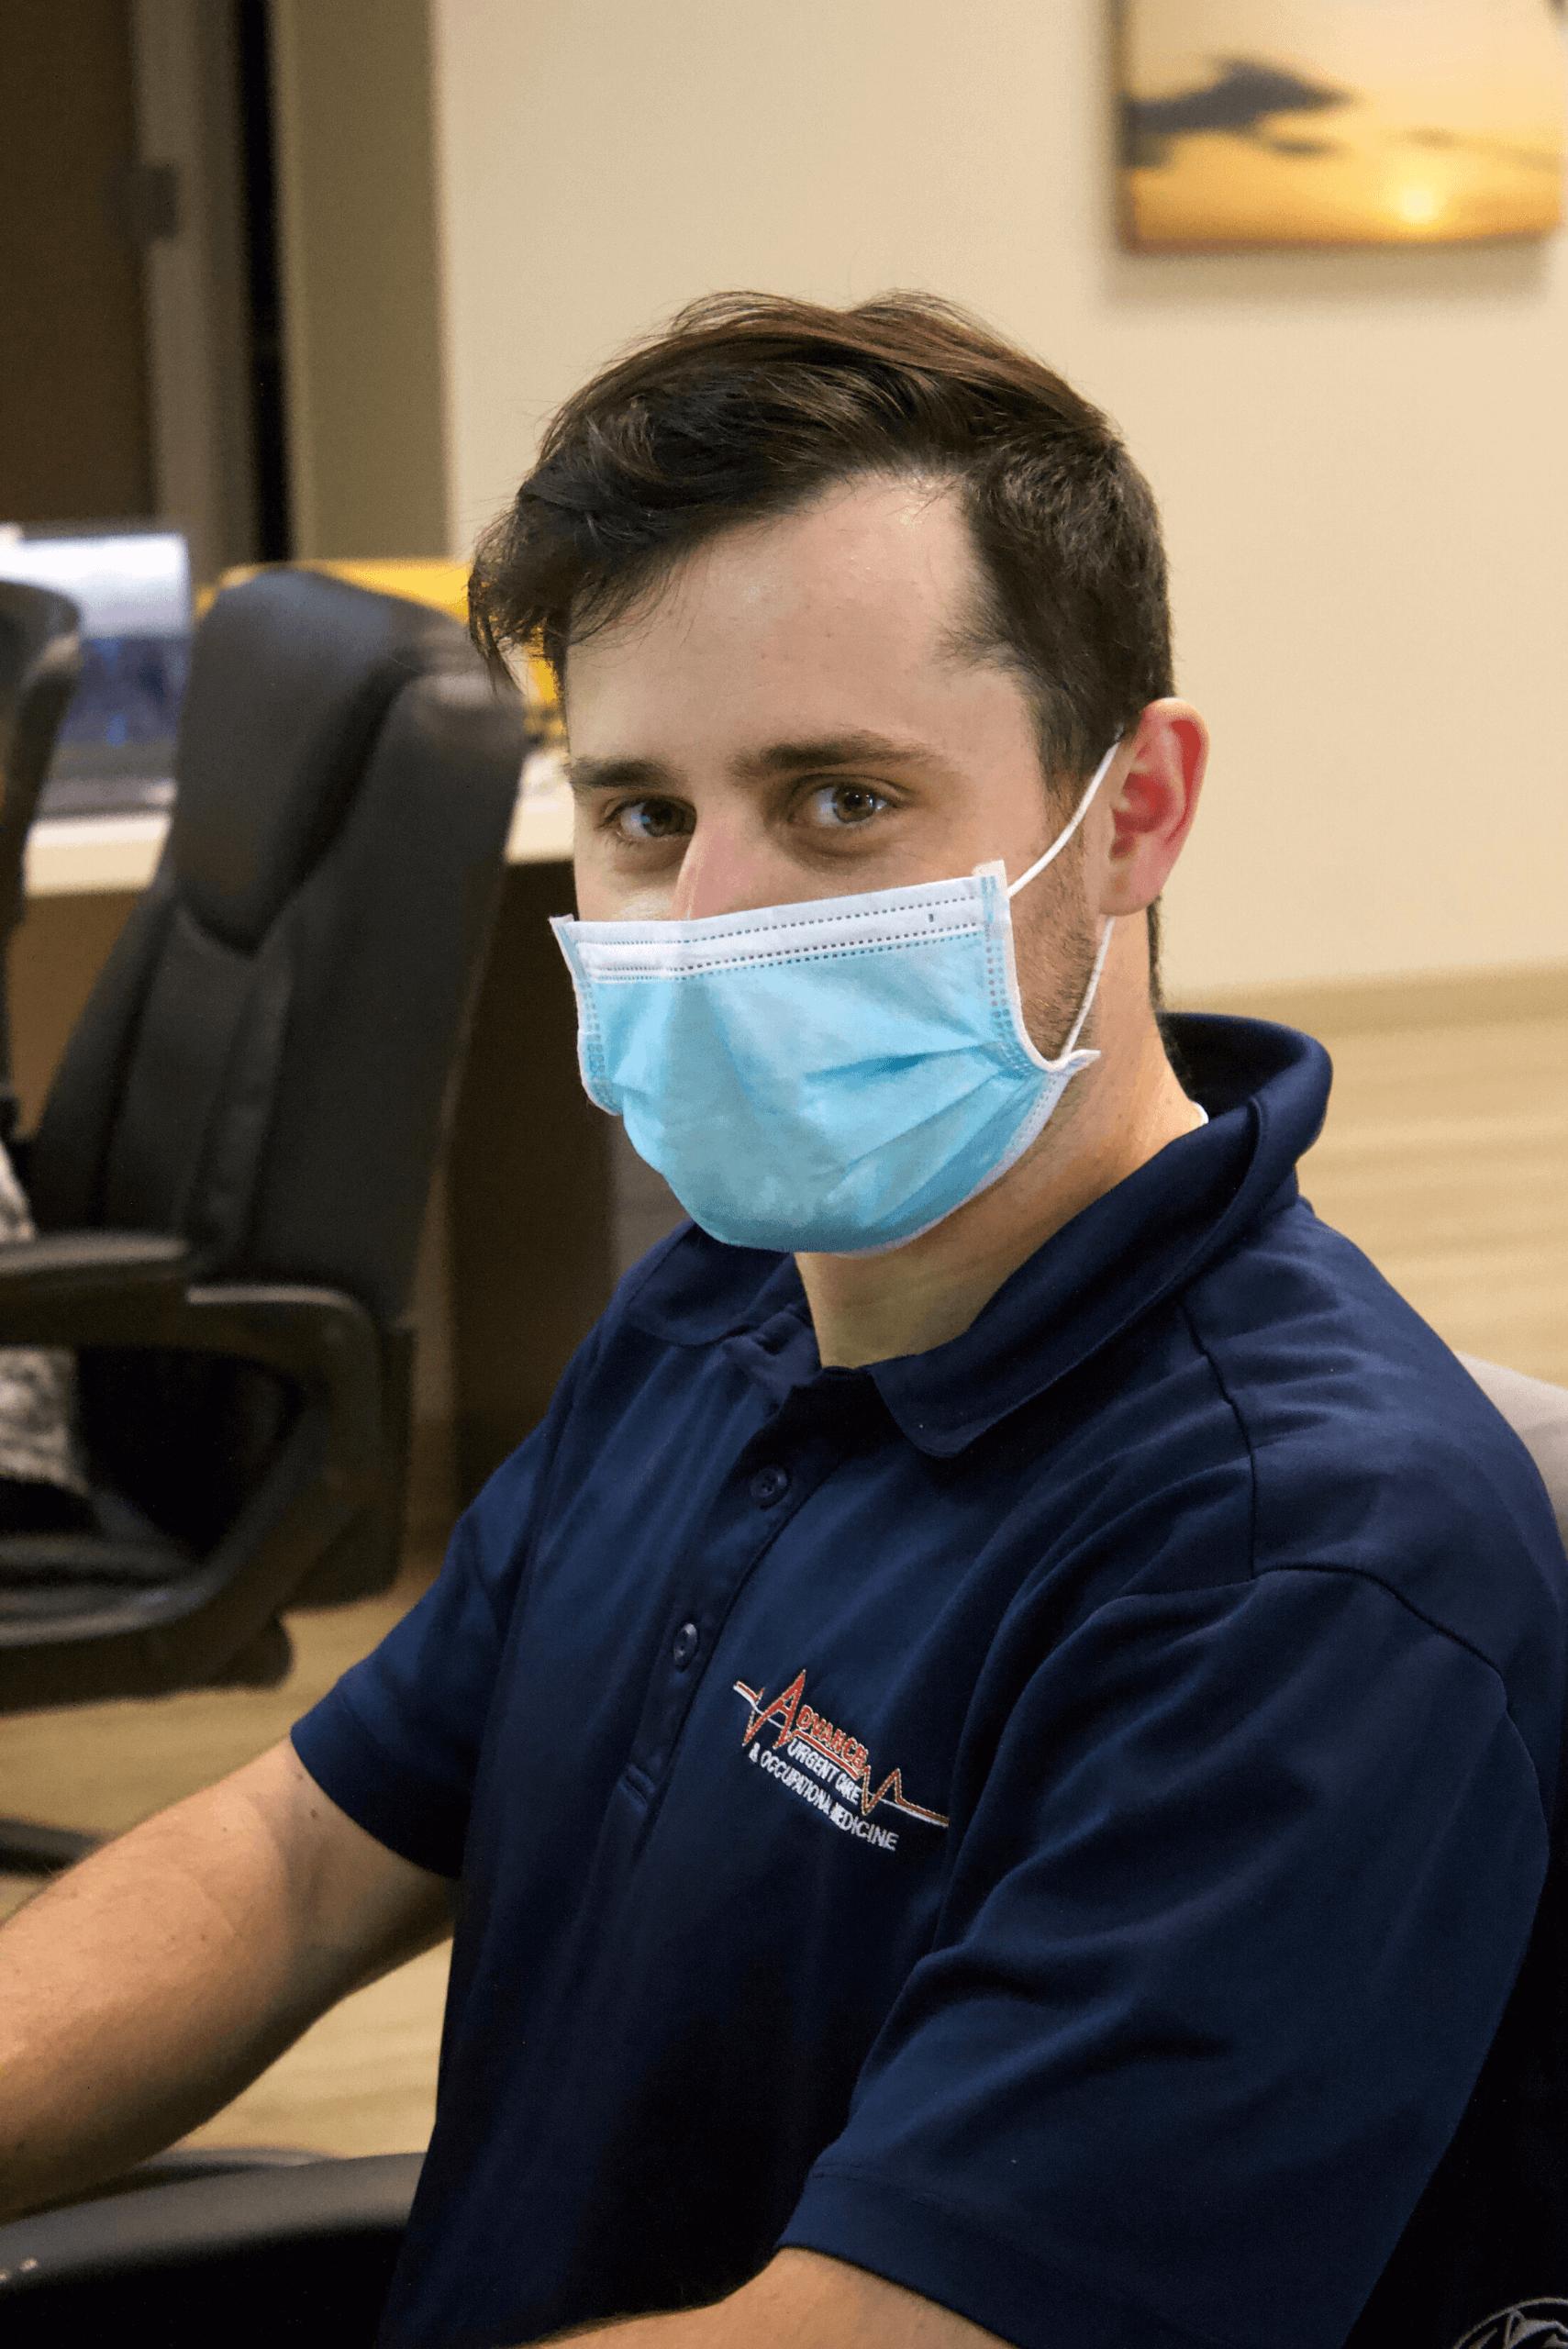 Broomfield urgent care